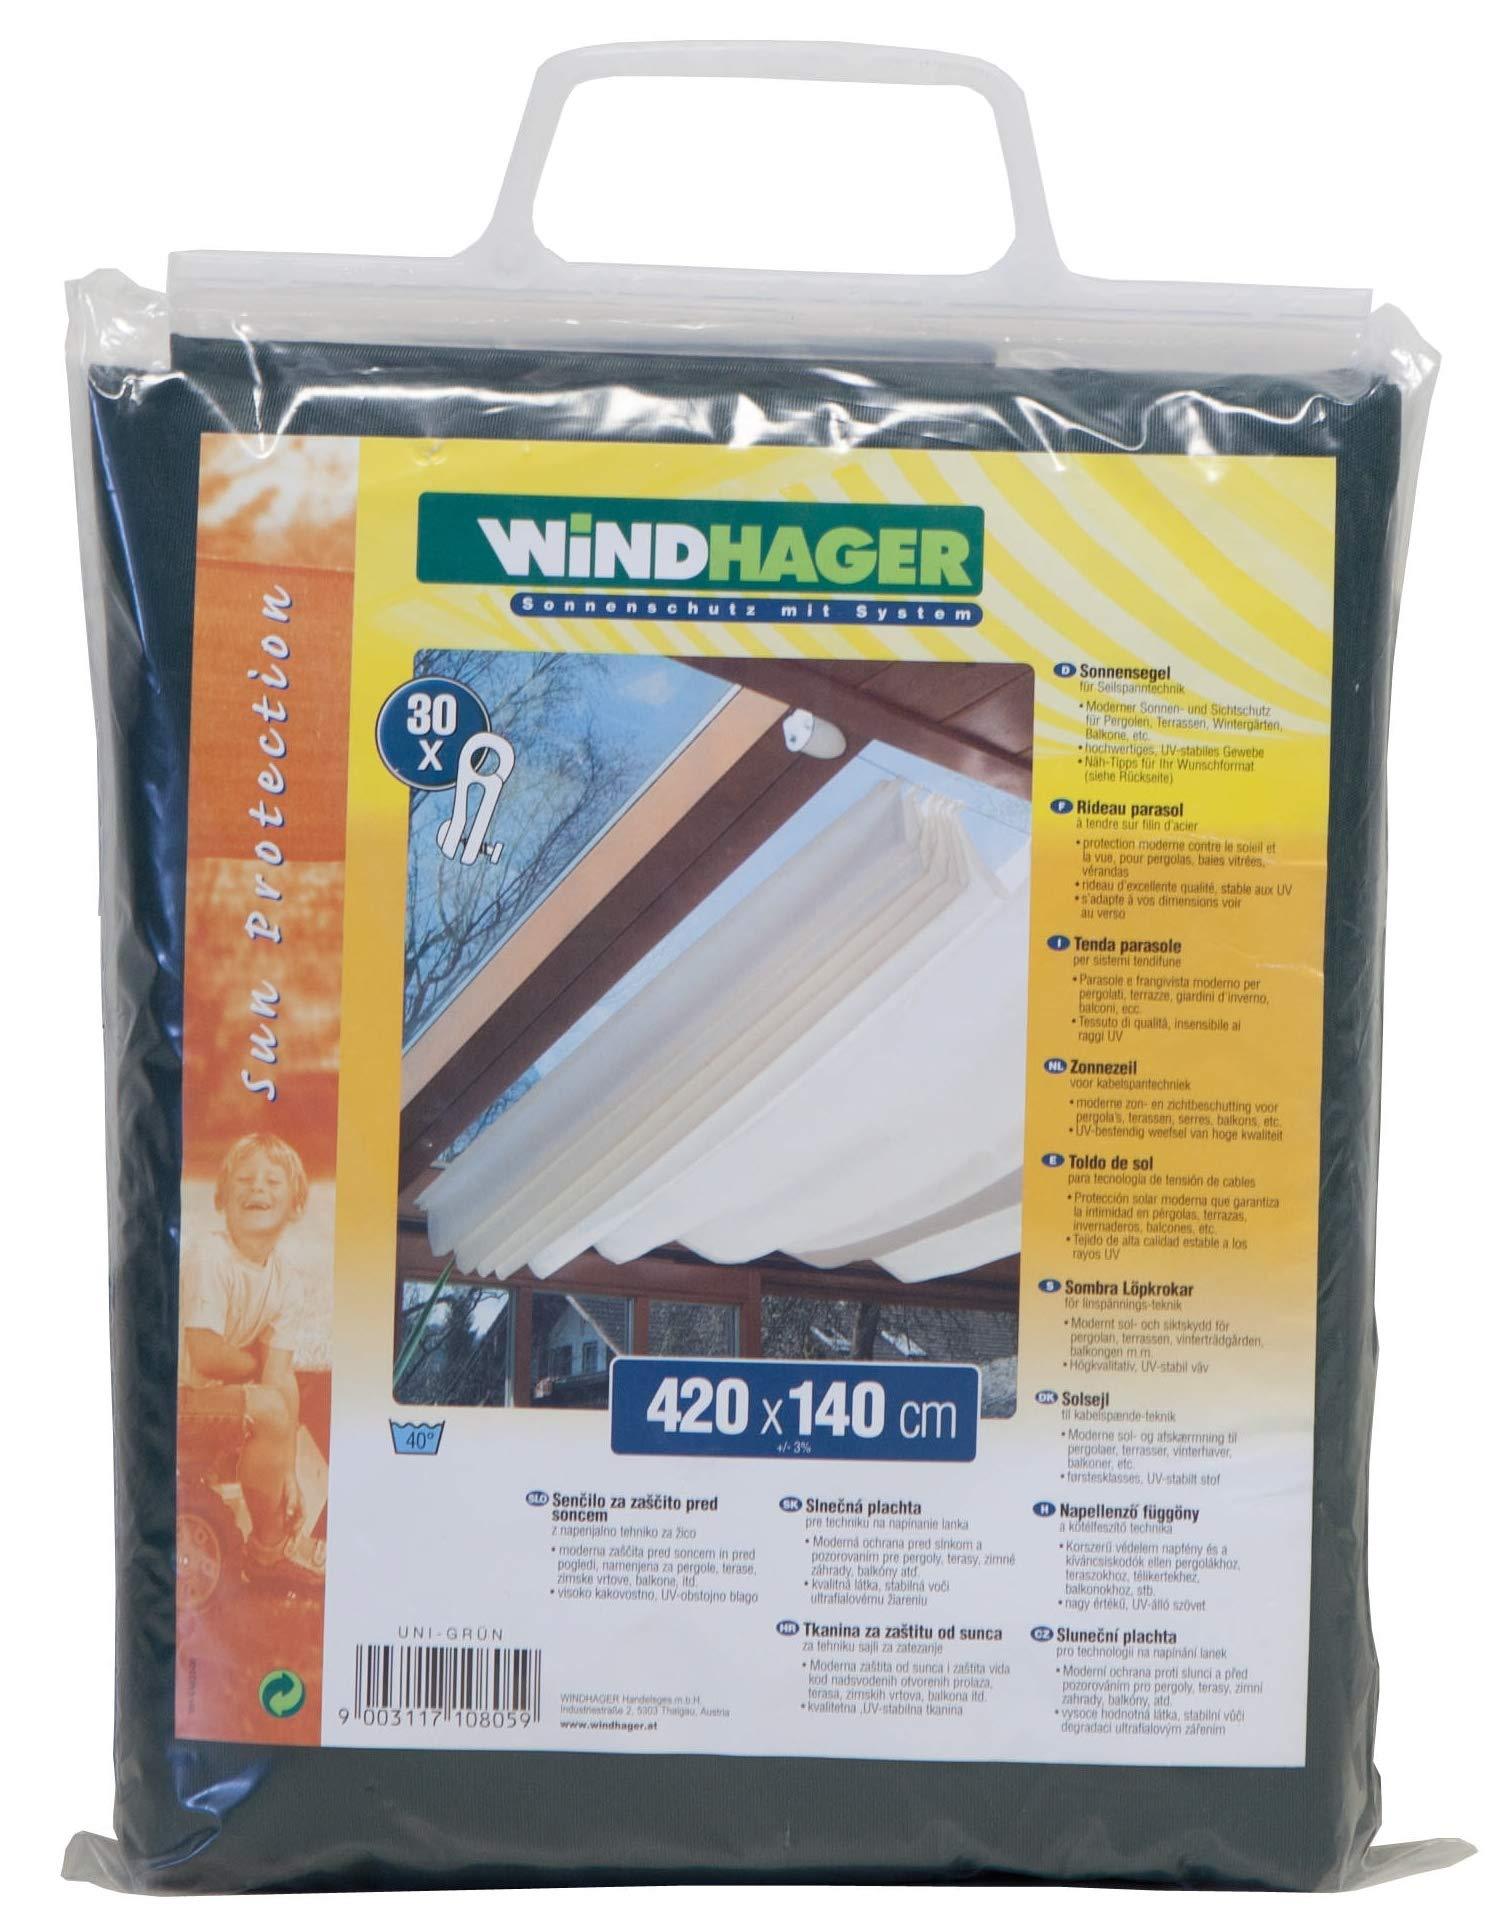 Windhager Toldo para Estructura corredera, Verde Puro, 420 x 140 cm: Amazon.es: Jardín